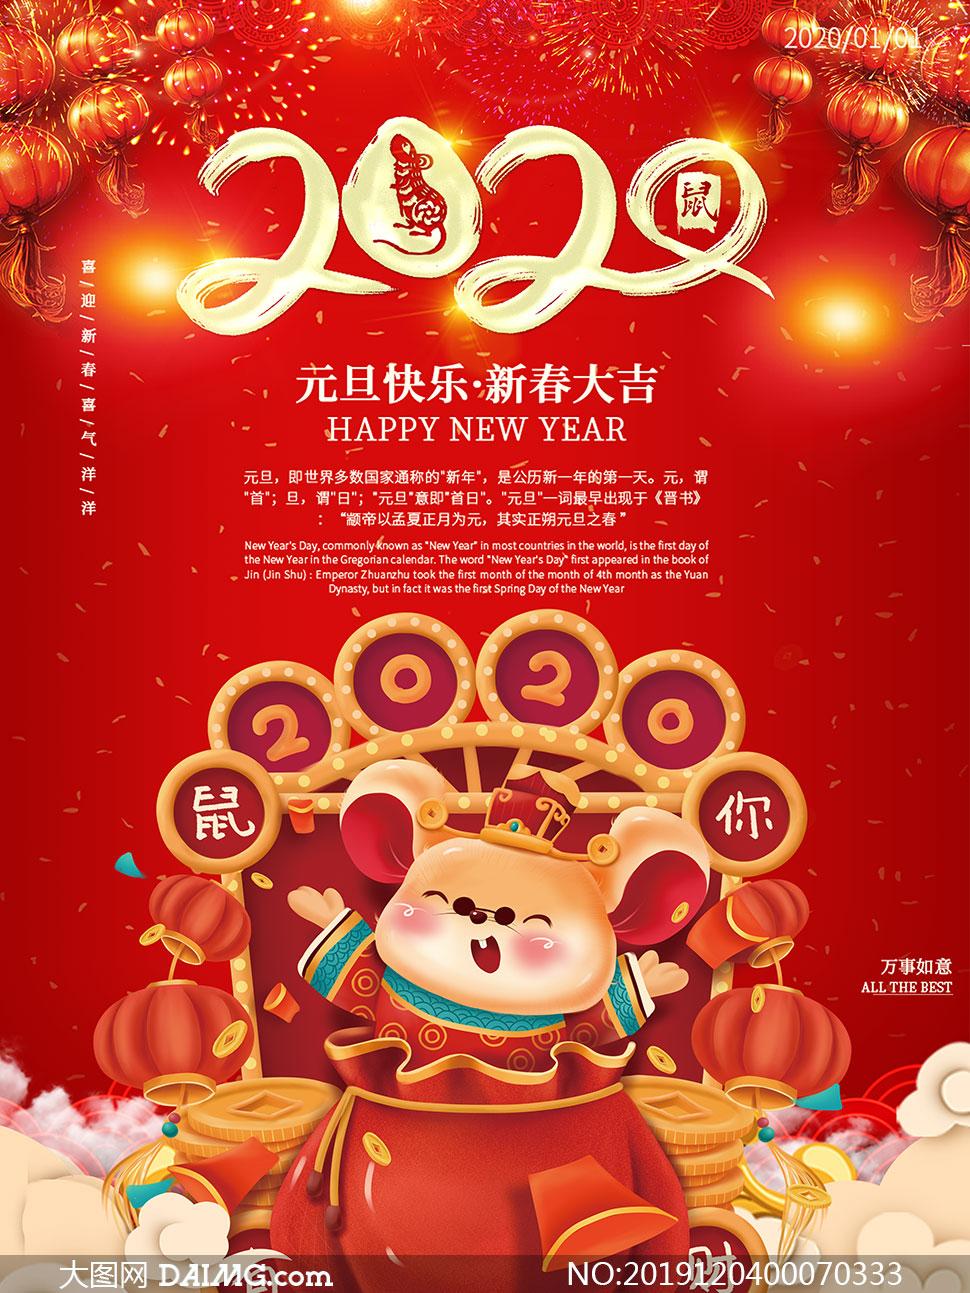 2020元旦快乐活动海报设计PSD素材